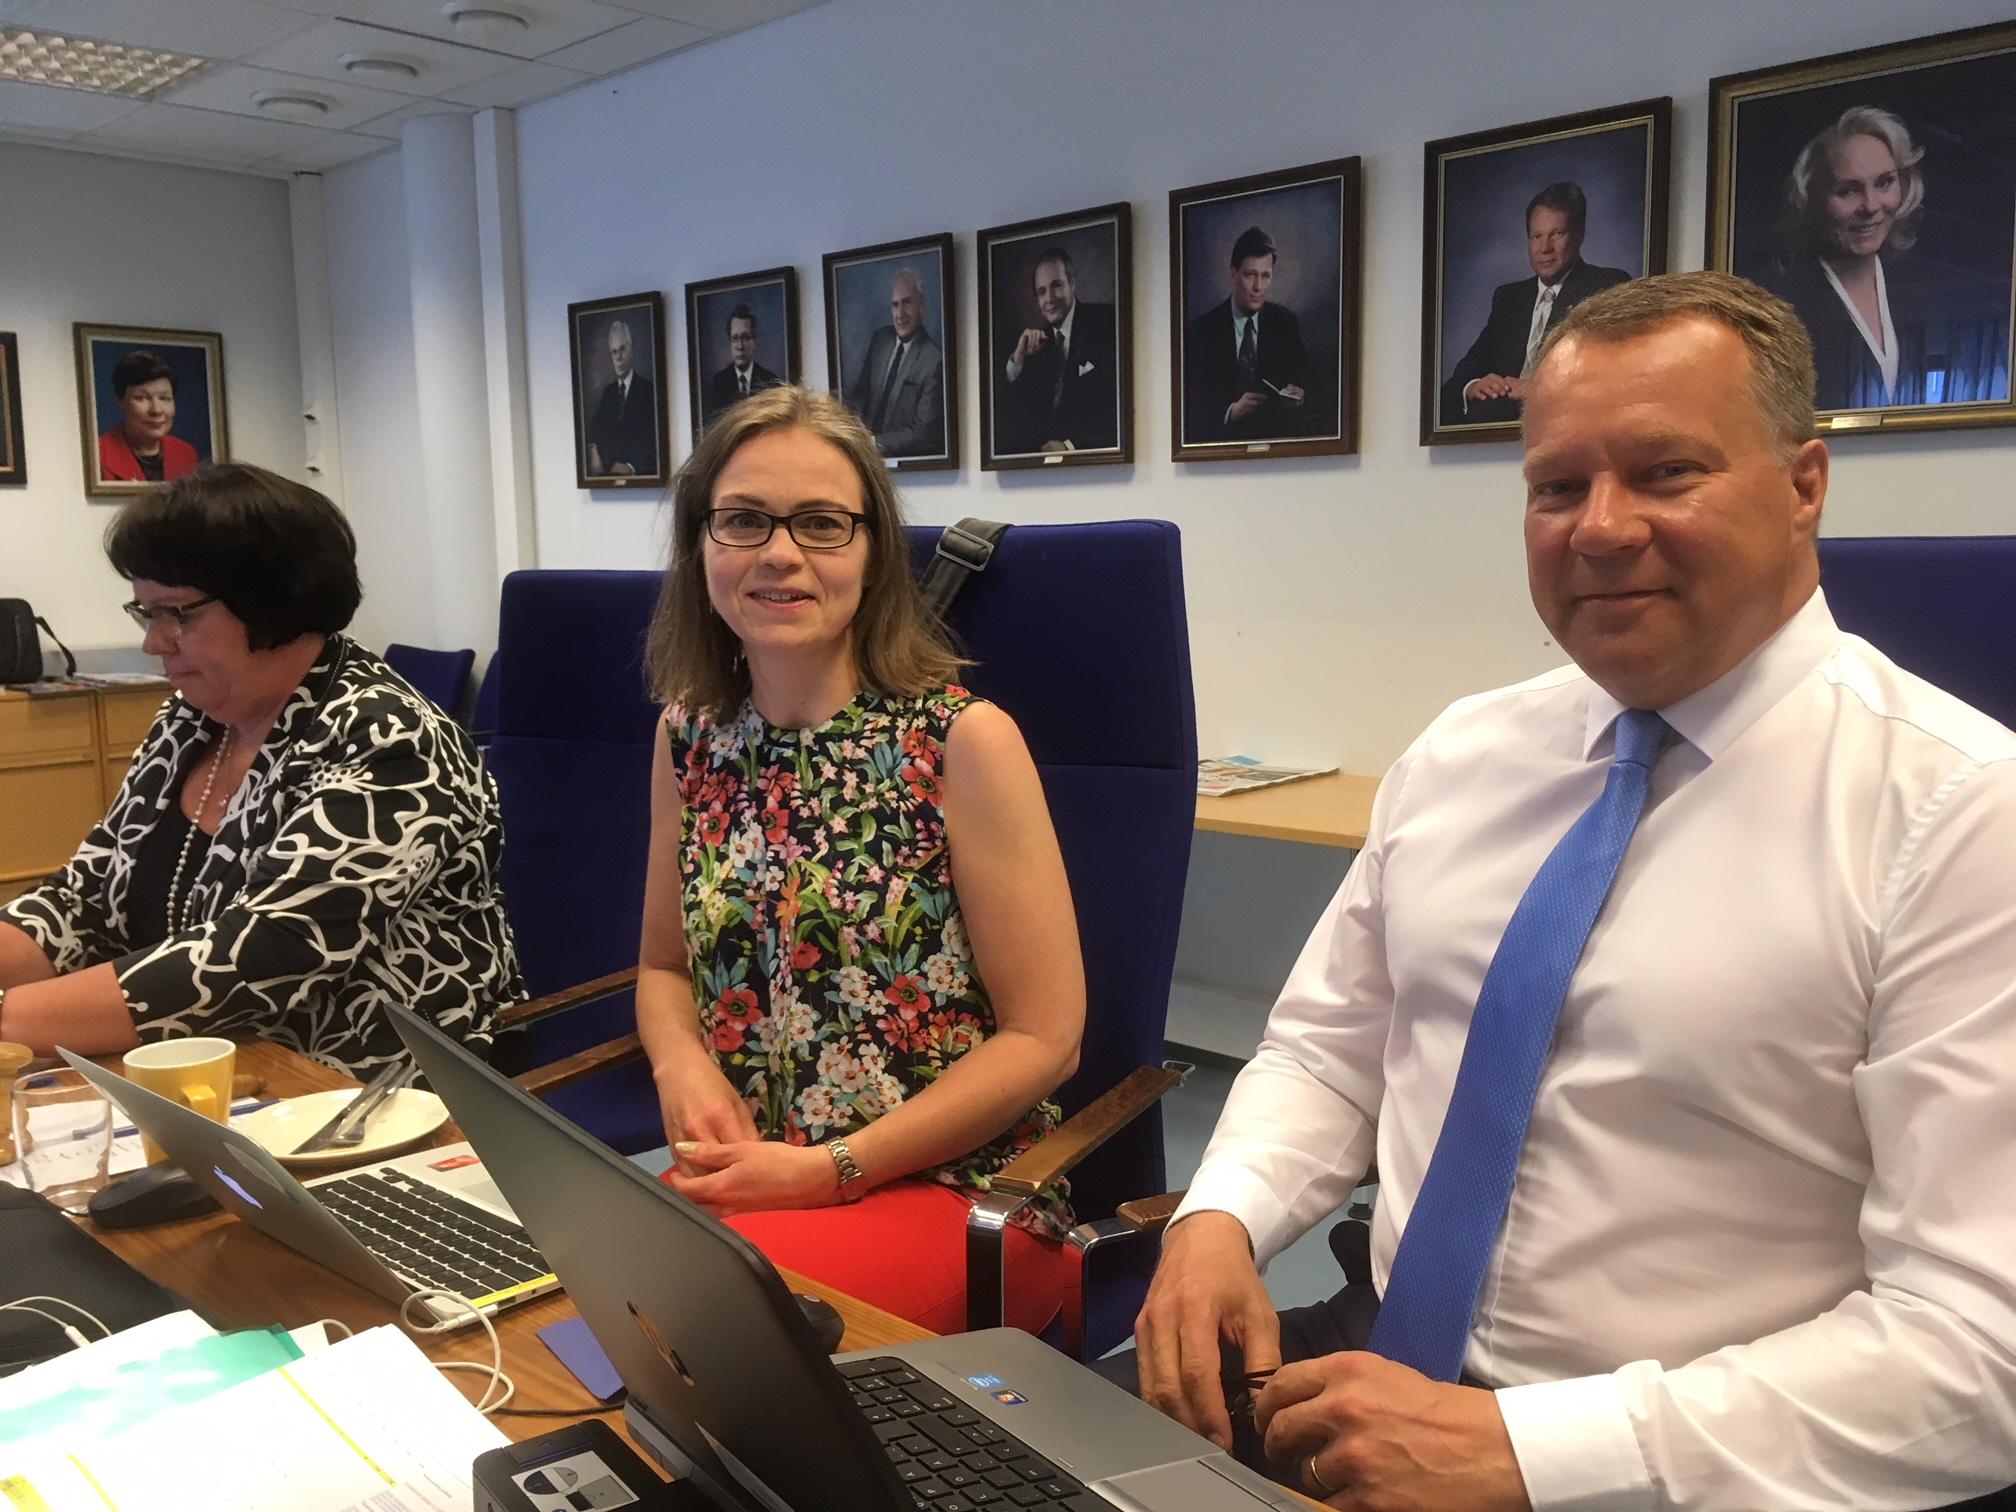 TIla- ja asuntojaoston kevään viimeinen kokous saatu päätökseen. Kuvassa kanssani sihteeri Riitta-Liisa Kammonen ja kaupunginjohtaja Jukka Mäkelä.